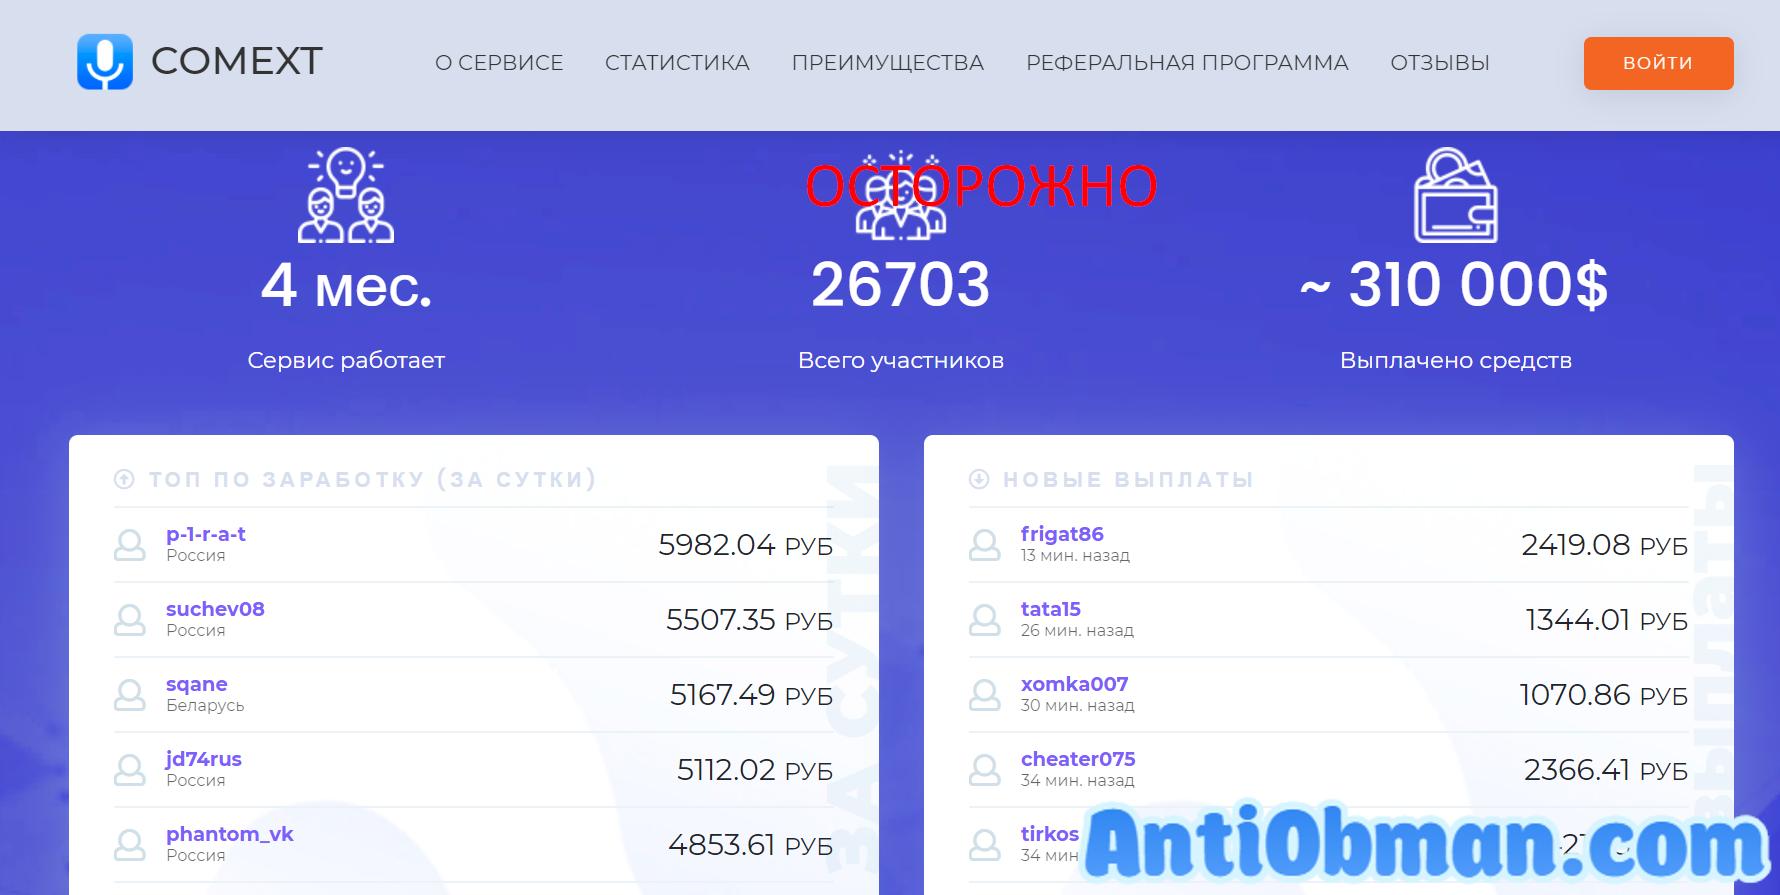 Заработок на транскрибации - отзывы и проверка COMEXT.ru